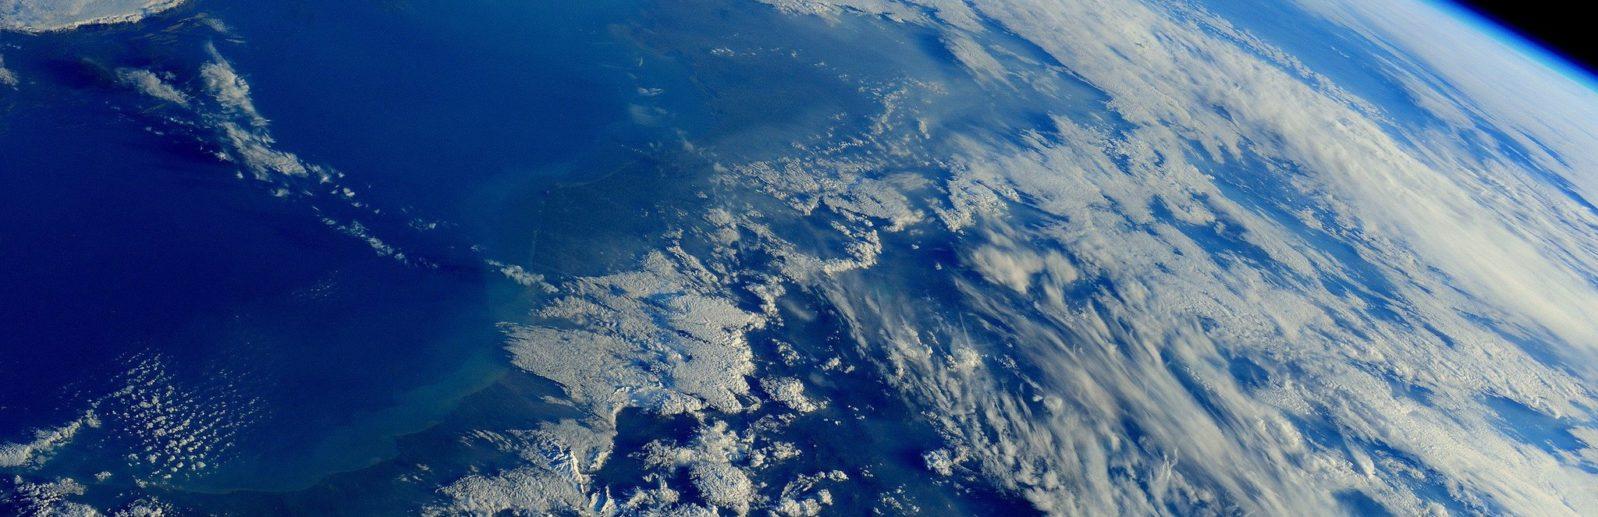 Земля из космоса Крым